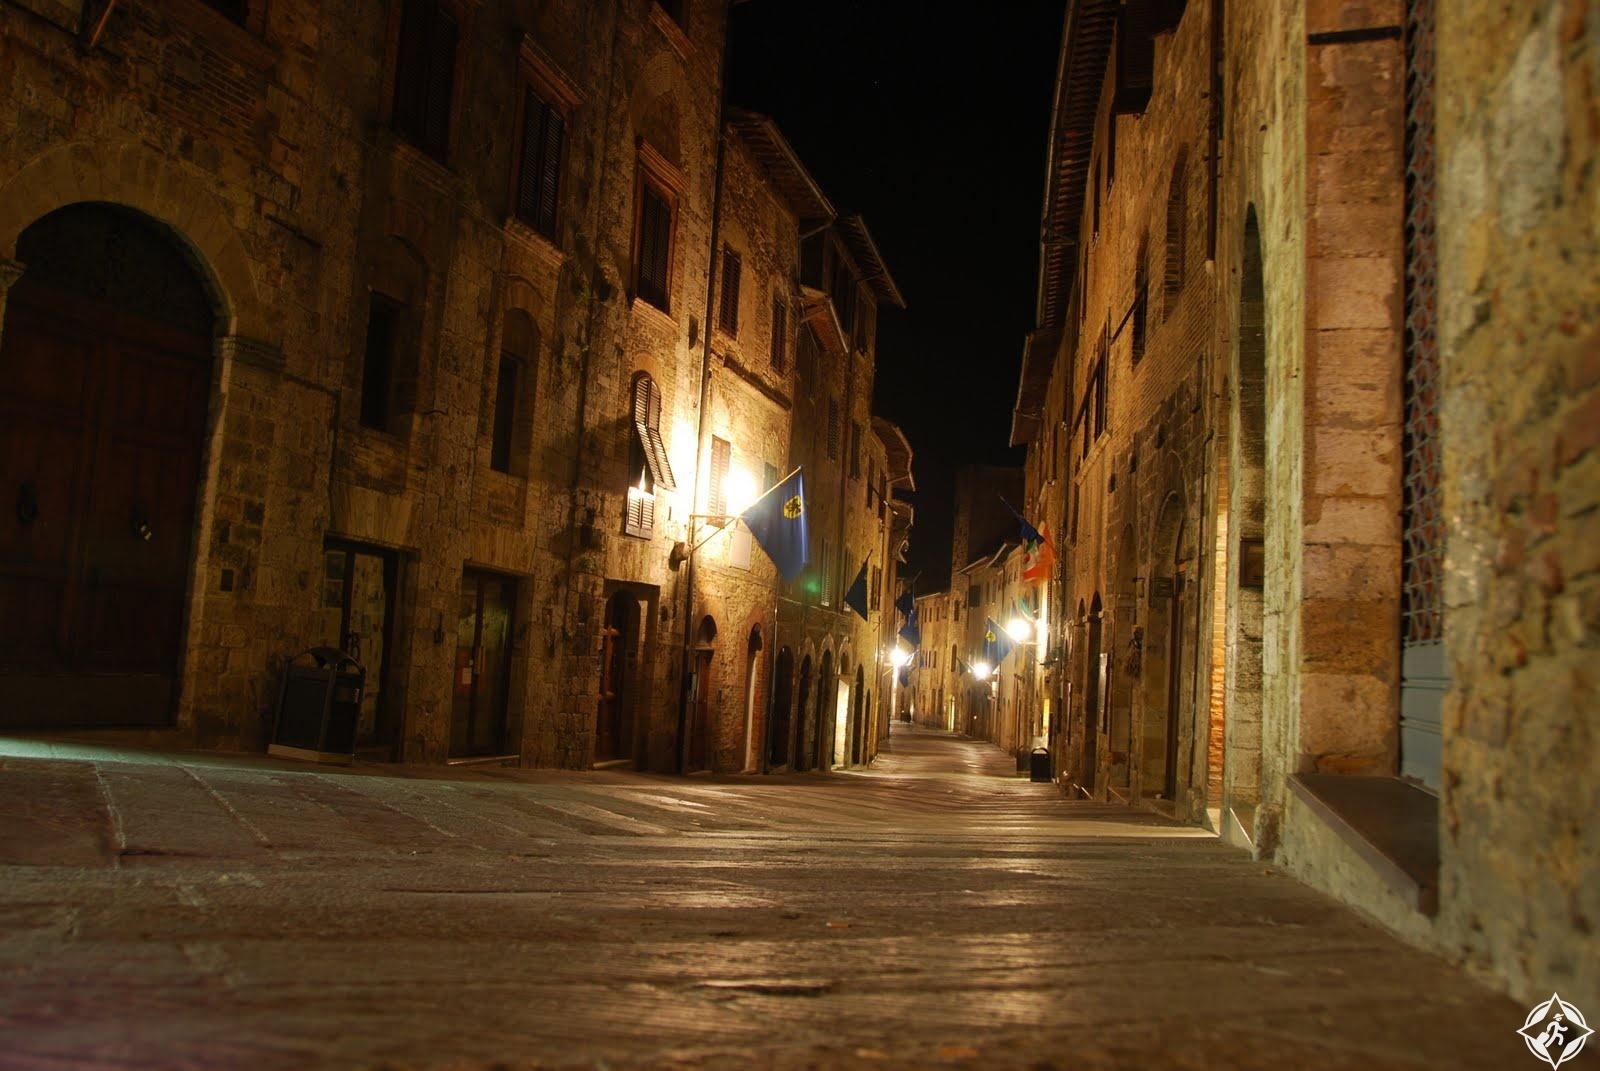 شوارع سان جيميجنانو